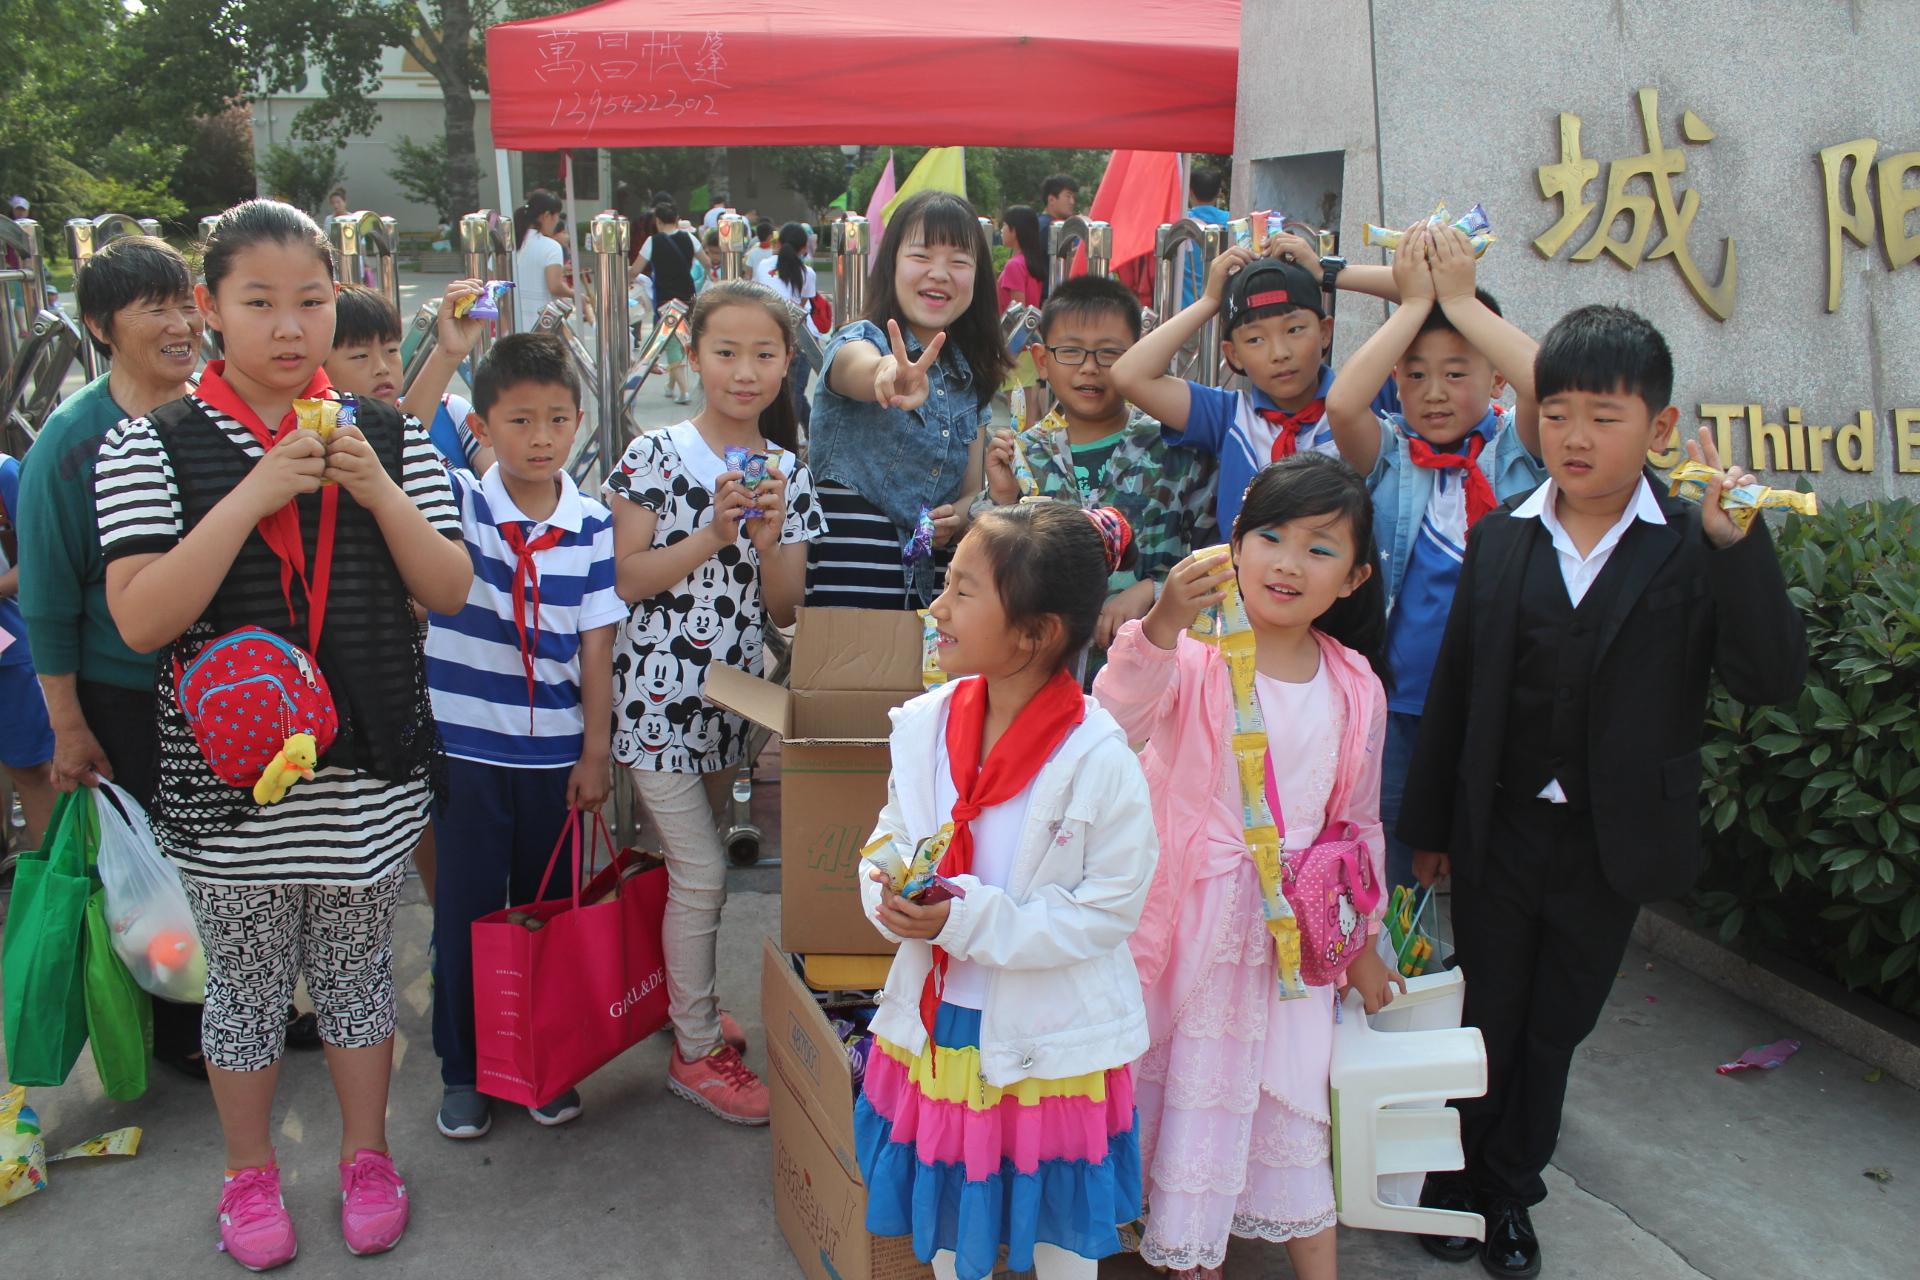 青岛市城阳区第三实验小学庆祝六一活动数学思维单位换算小学导图图片